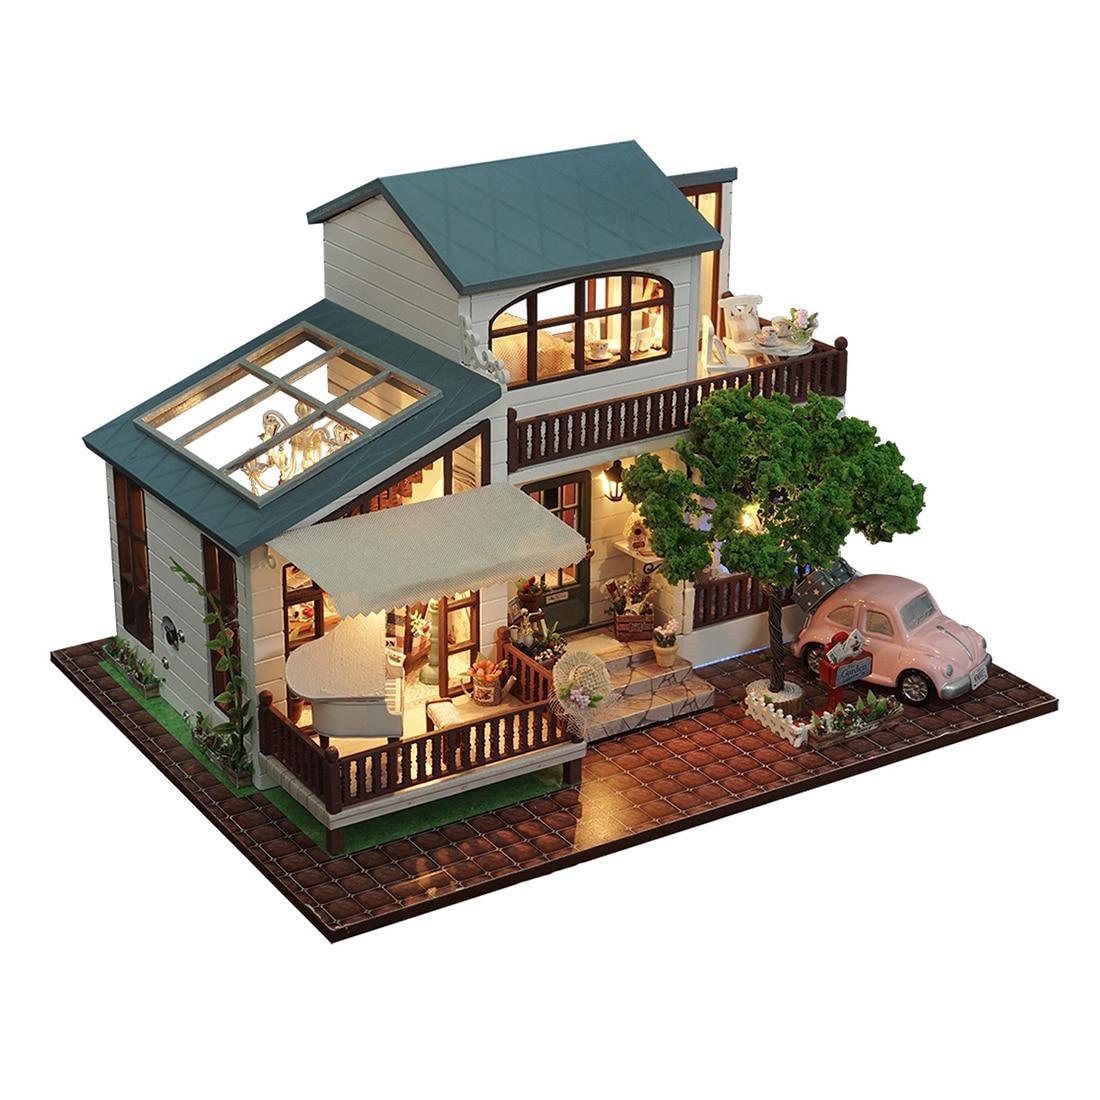 NFSTRIKE Poupée Maison Londres Vacances De Base 3D L'assemblée Modèle Kits de Construction Diy Dollhouse Miniature En Bois Jouets pour Enfants Cadeau